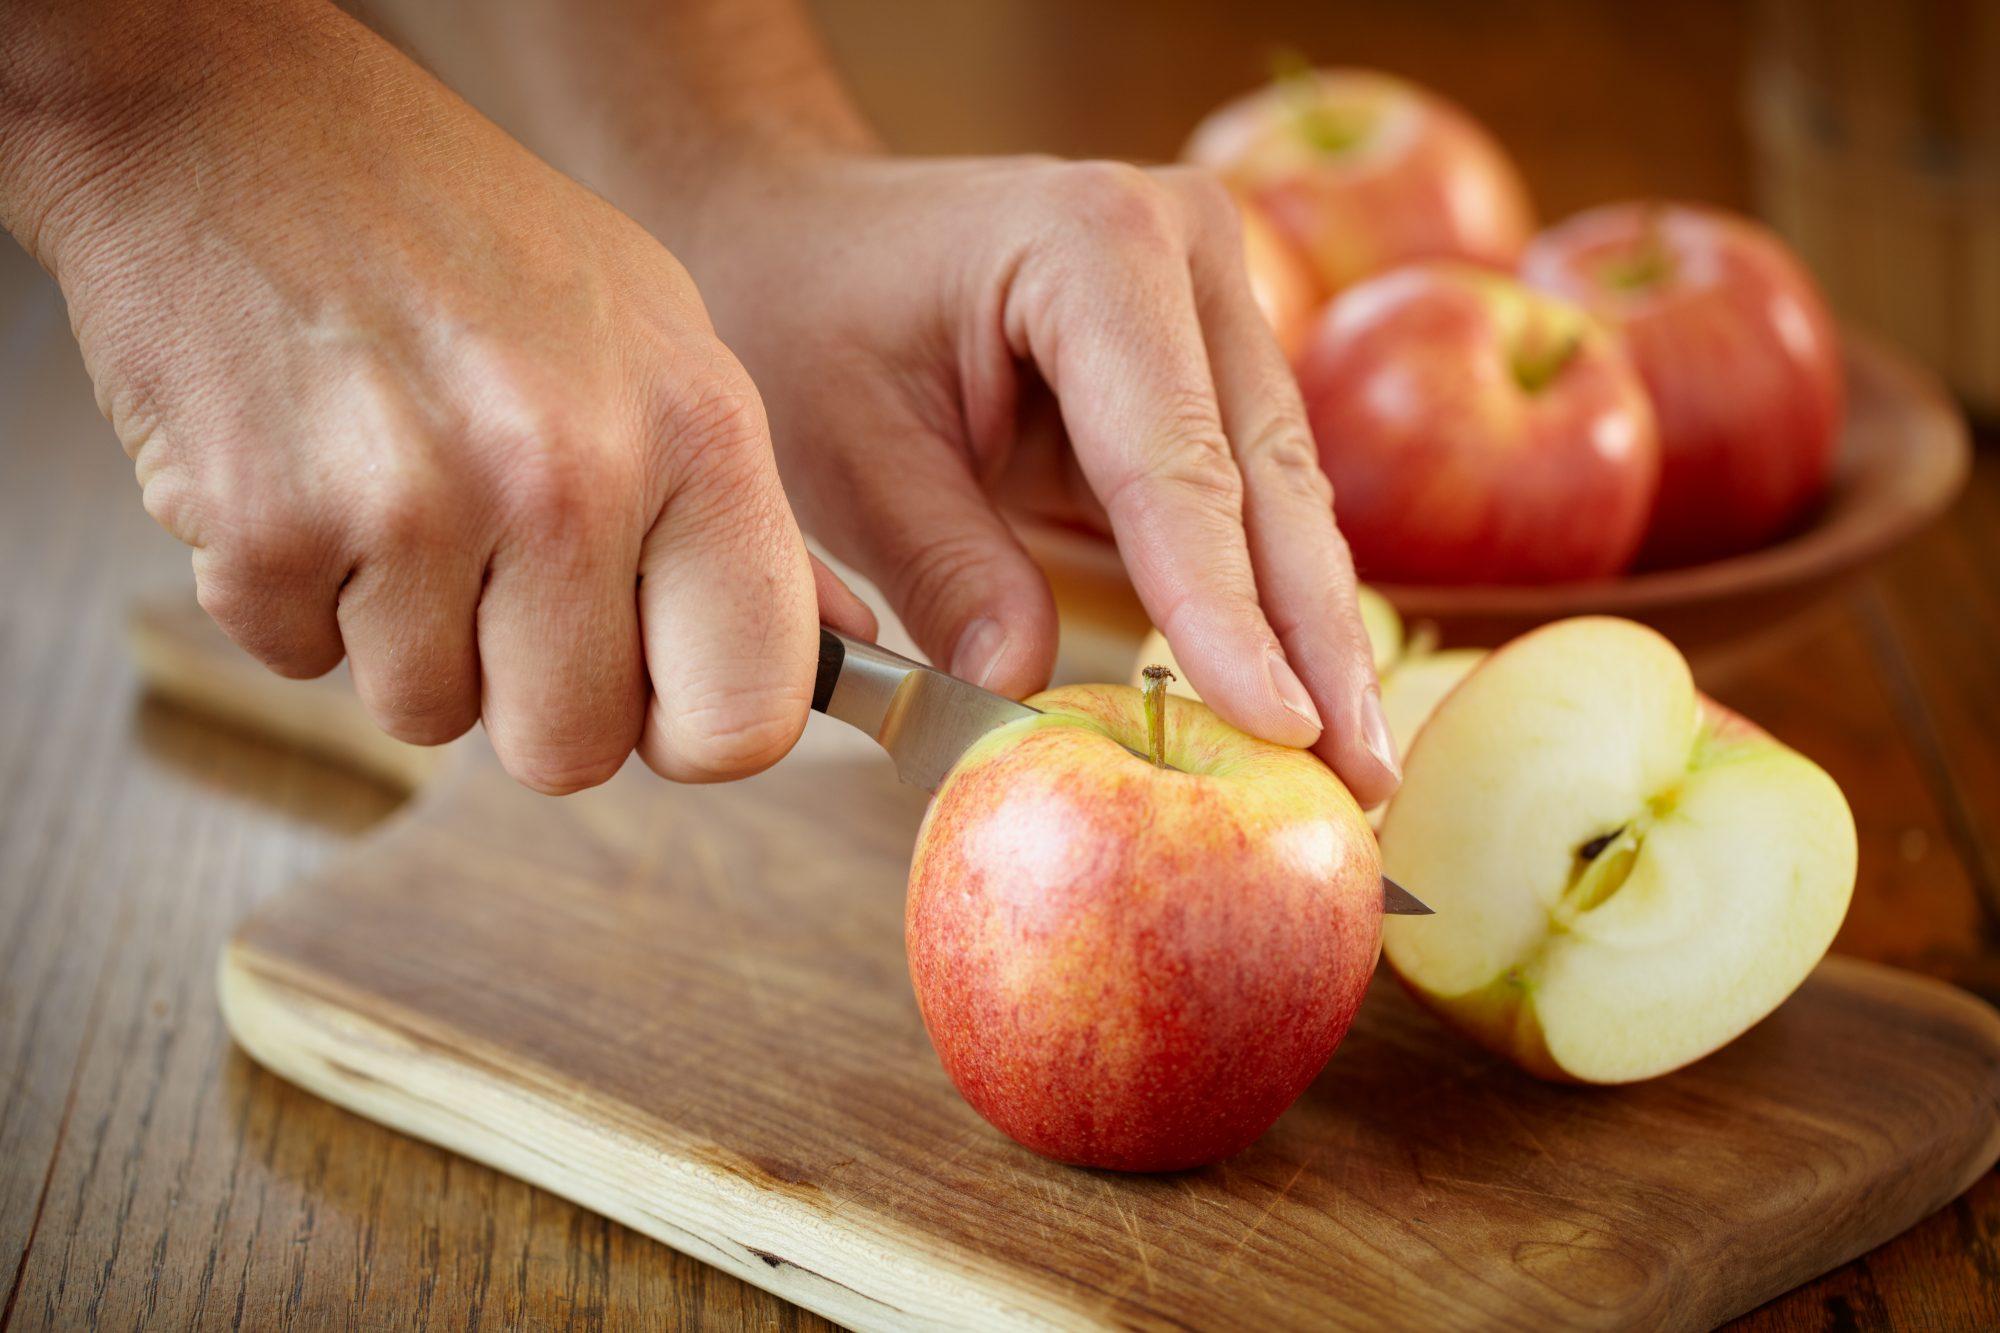 Cutting apples Getty 6/12/20